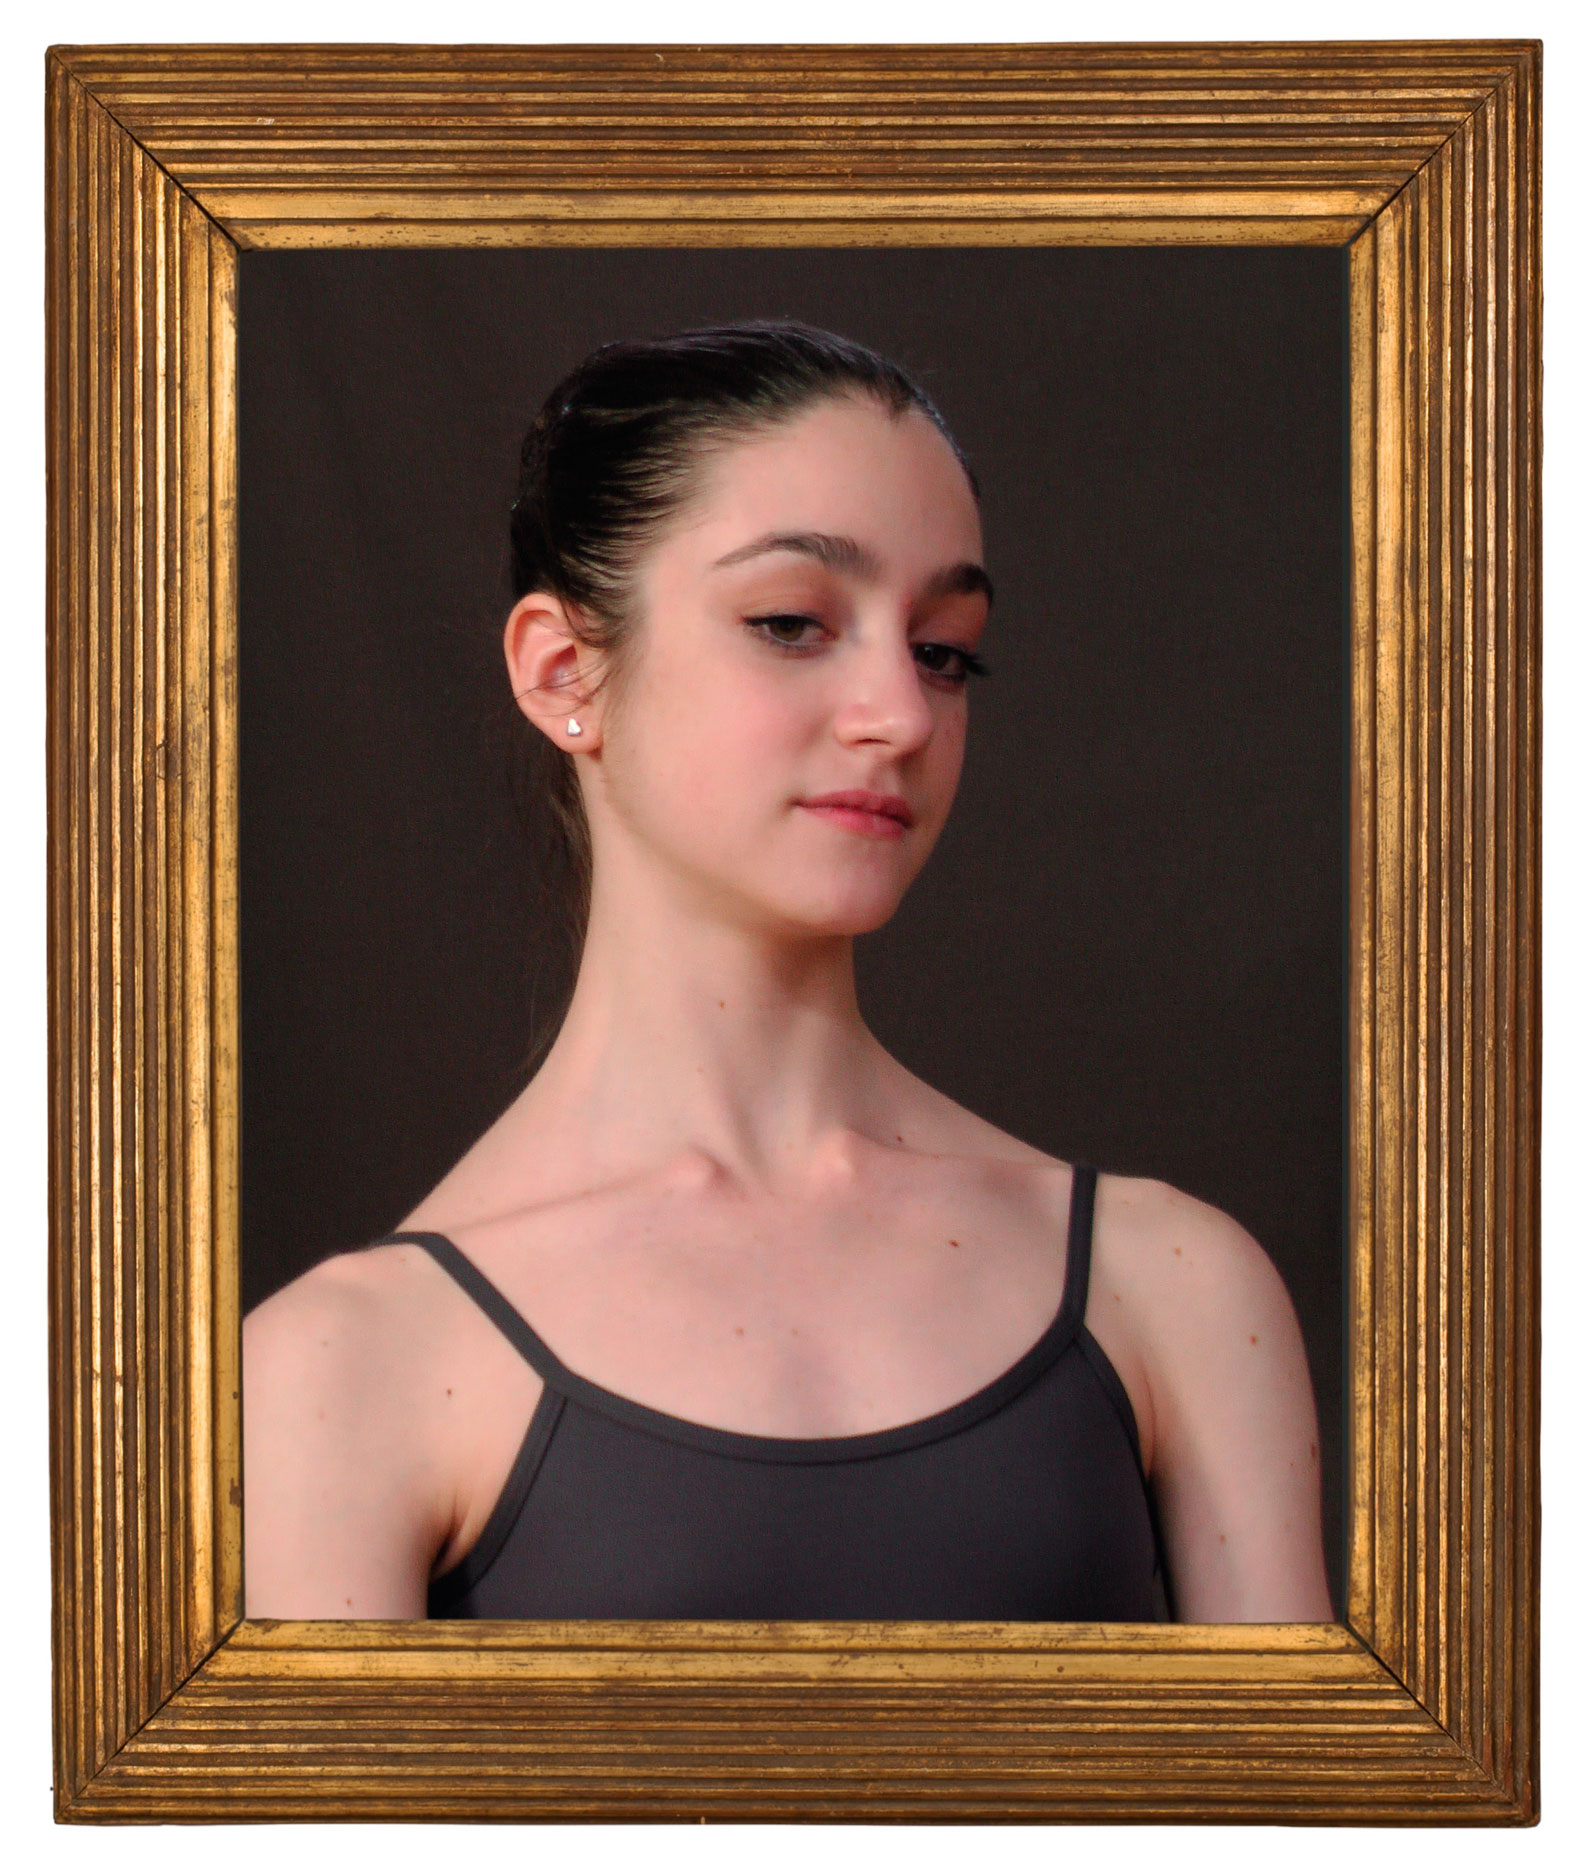 El poder del retrato por Gabriella Gerosa   METALOCUS